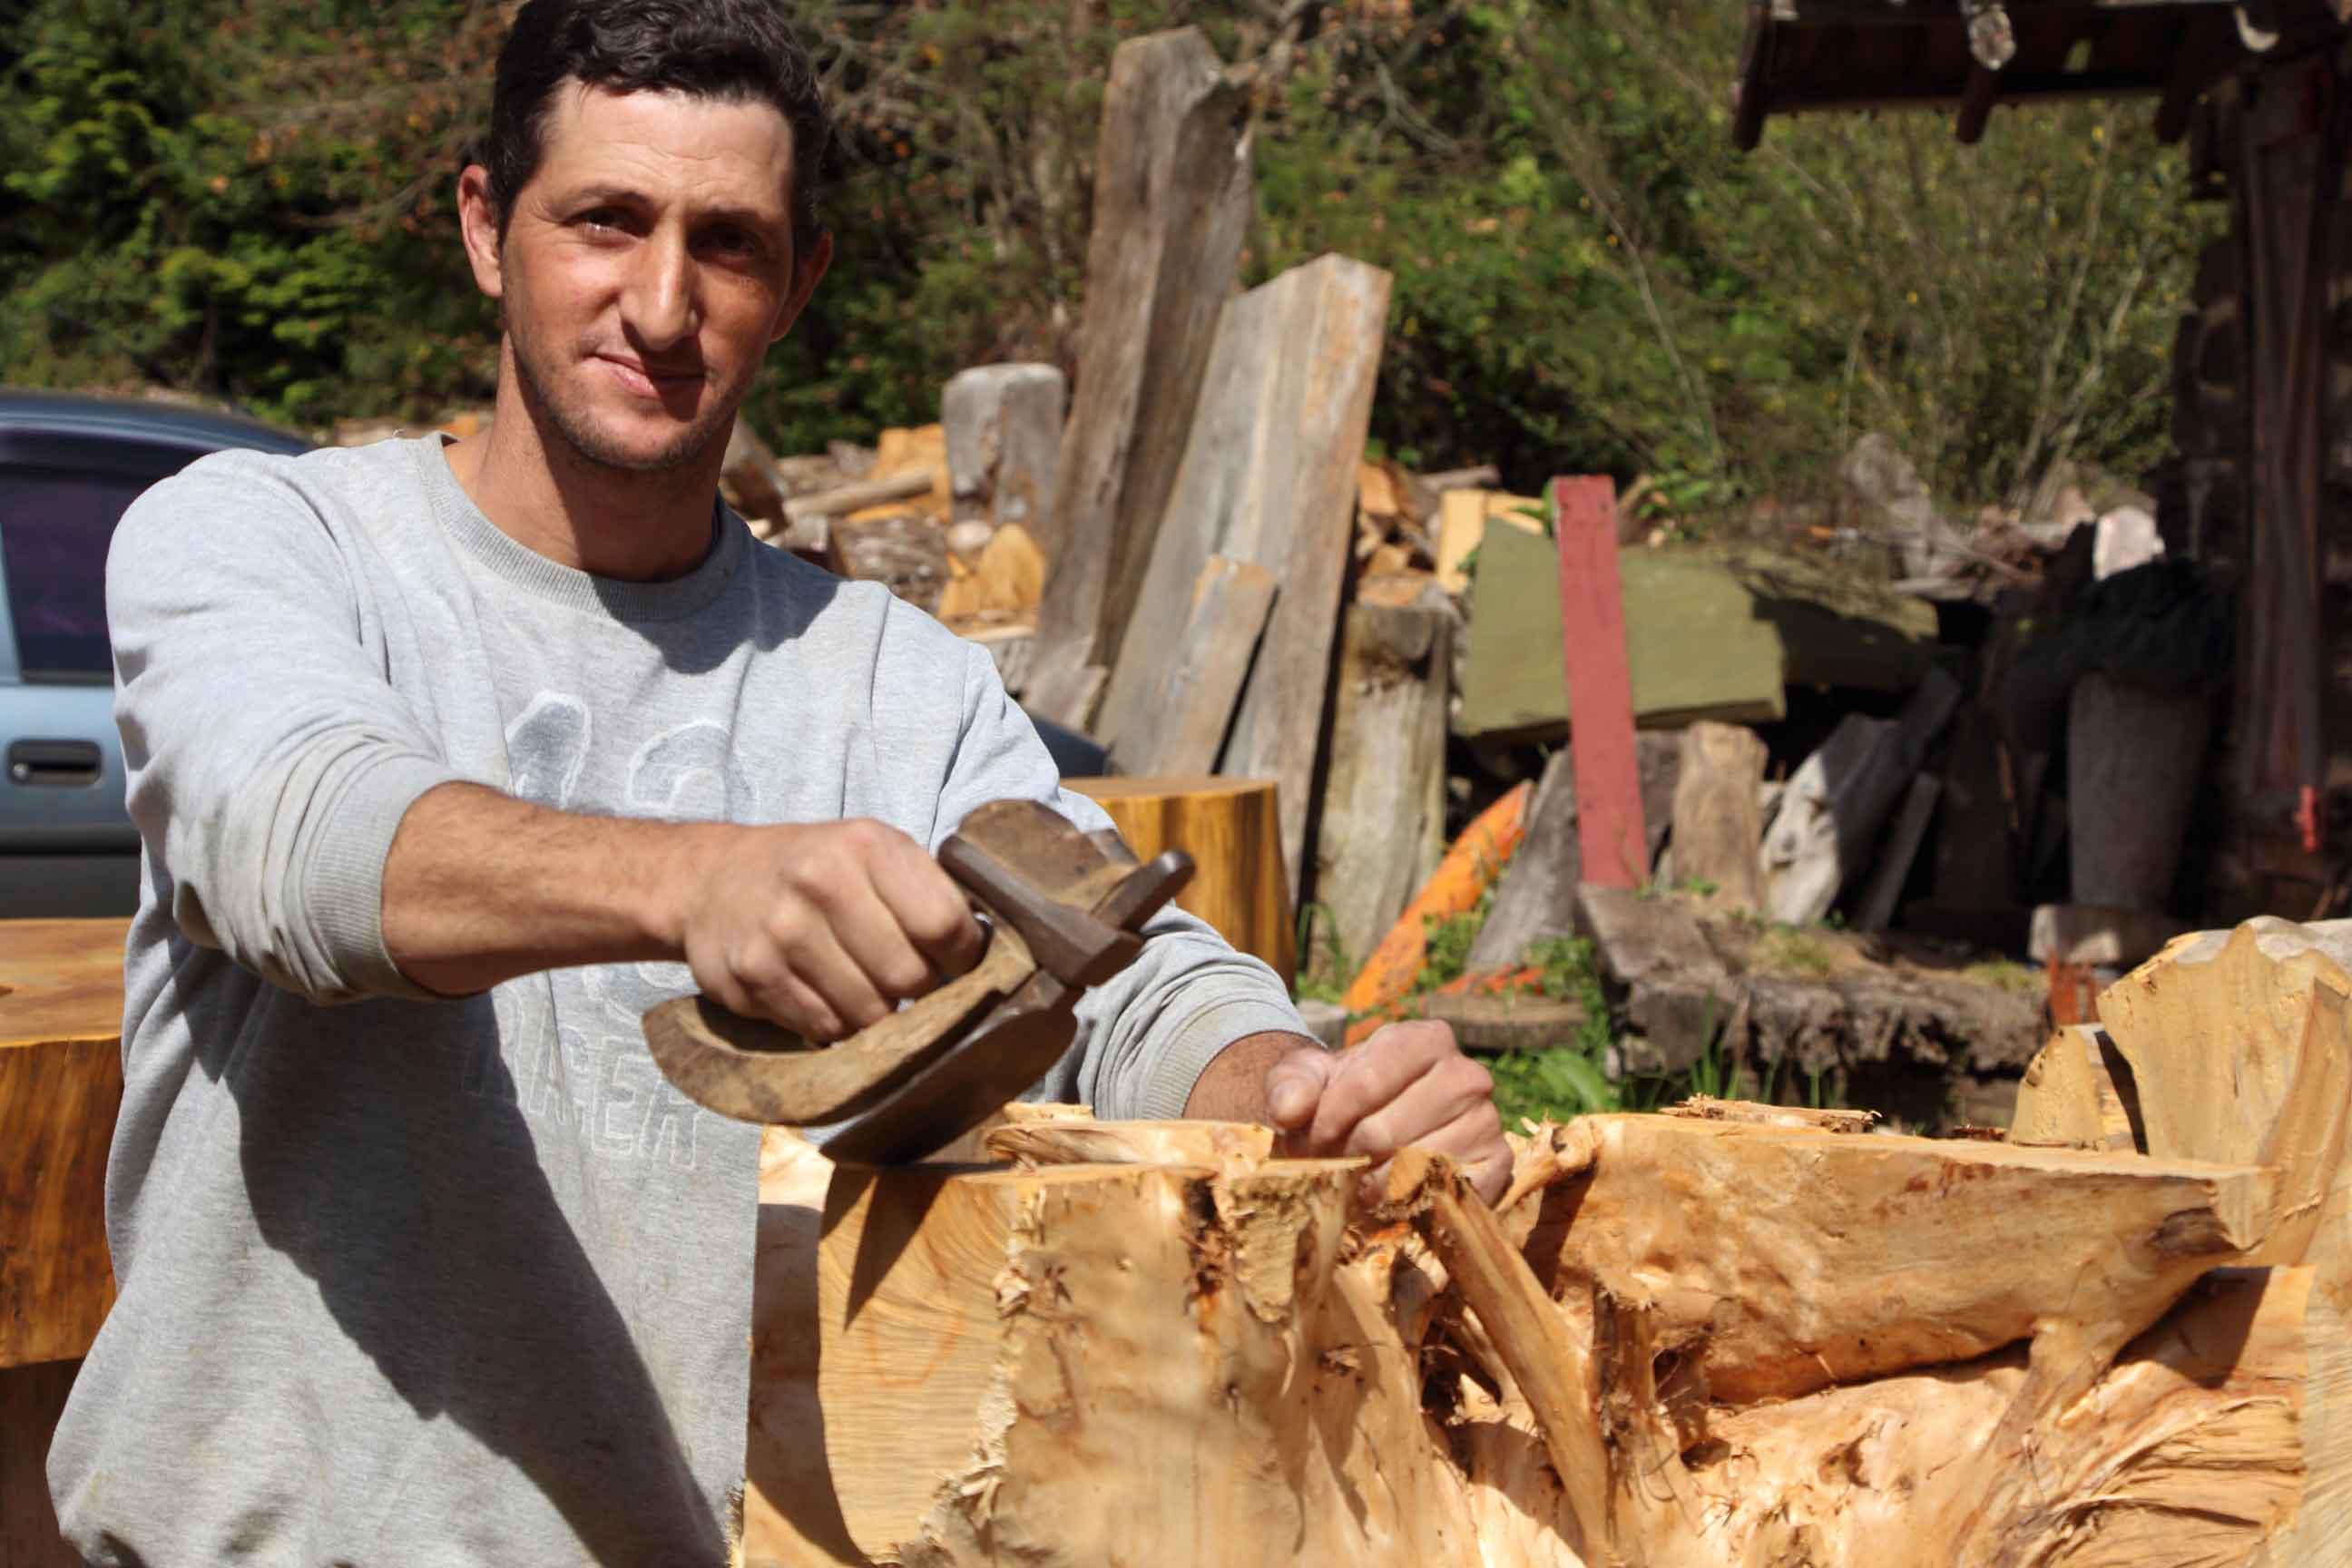 Campos-do-Jordao-Artes-Diego-Jose-da-Costa-madeira-IMG_8692-bx